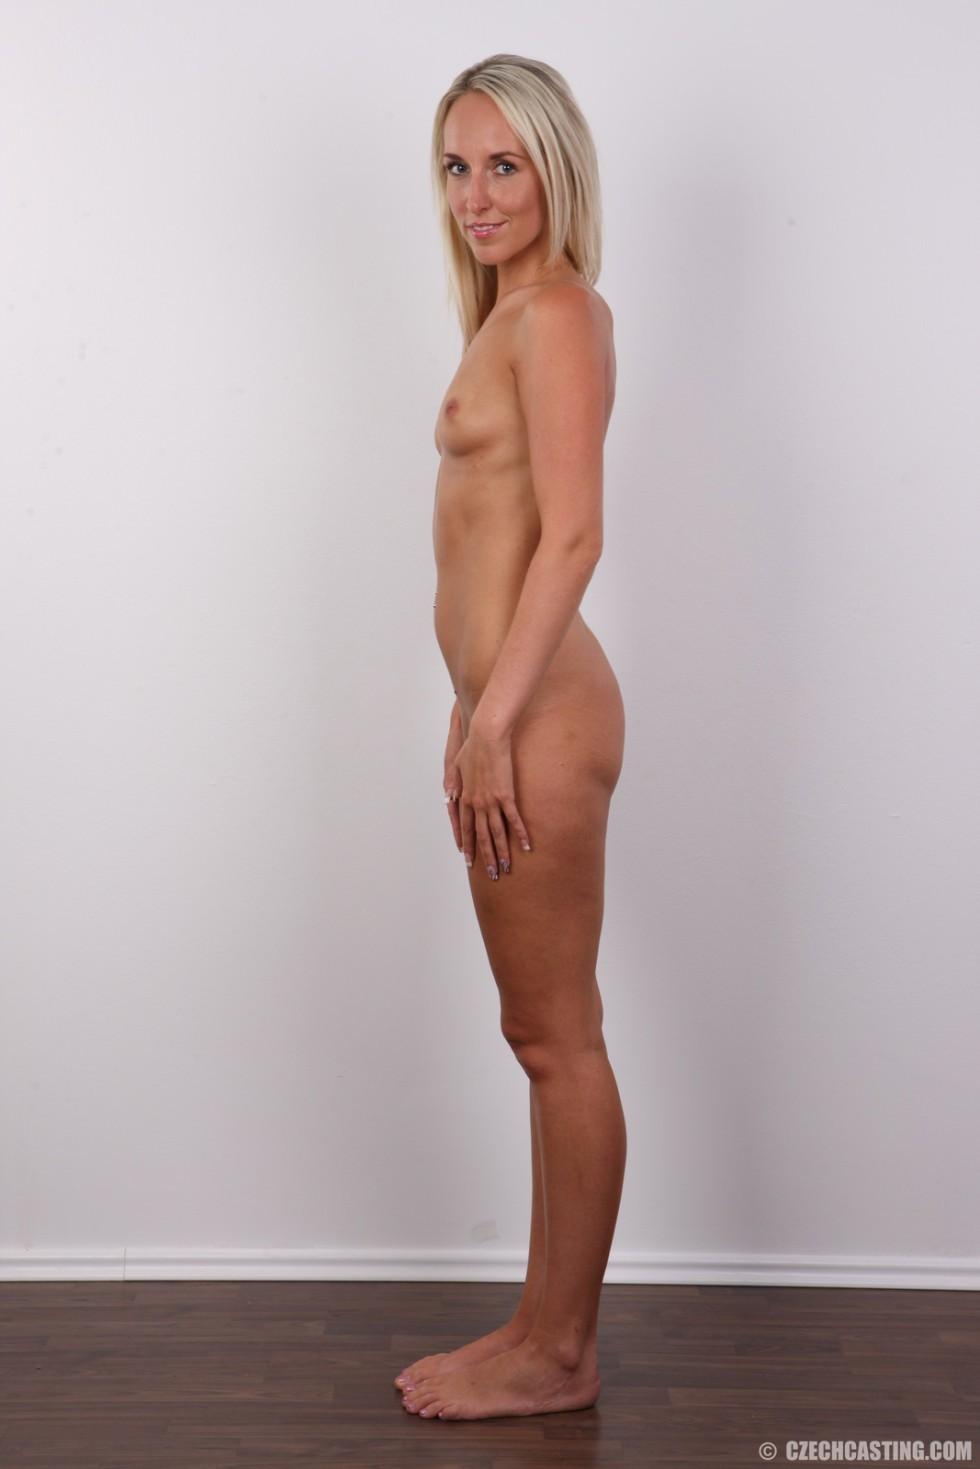 В чешском кастинге милая блондинка не стесняется себя показывать – ее стройное тело достойно похвалы